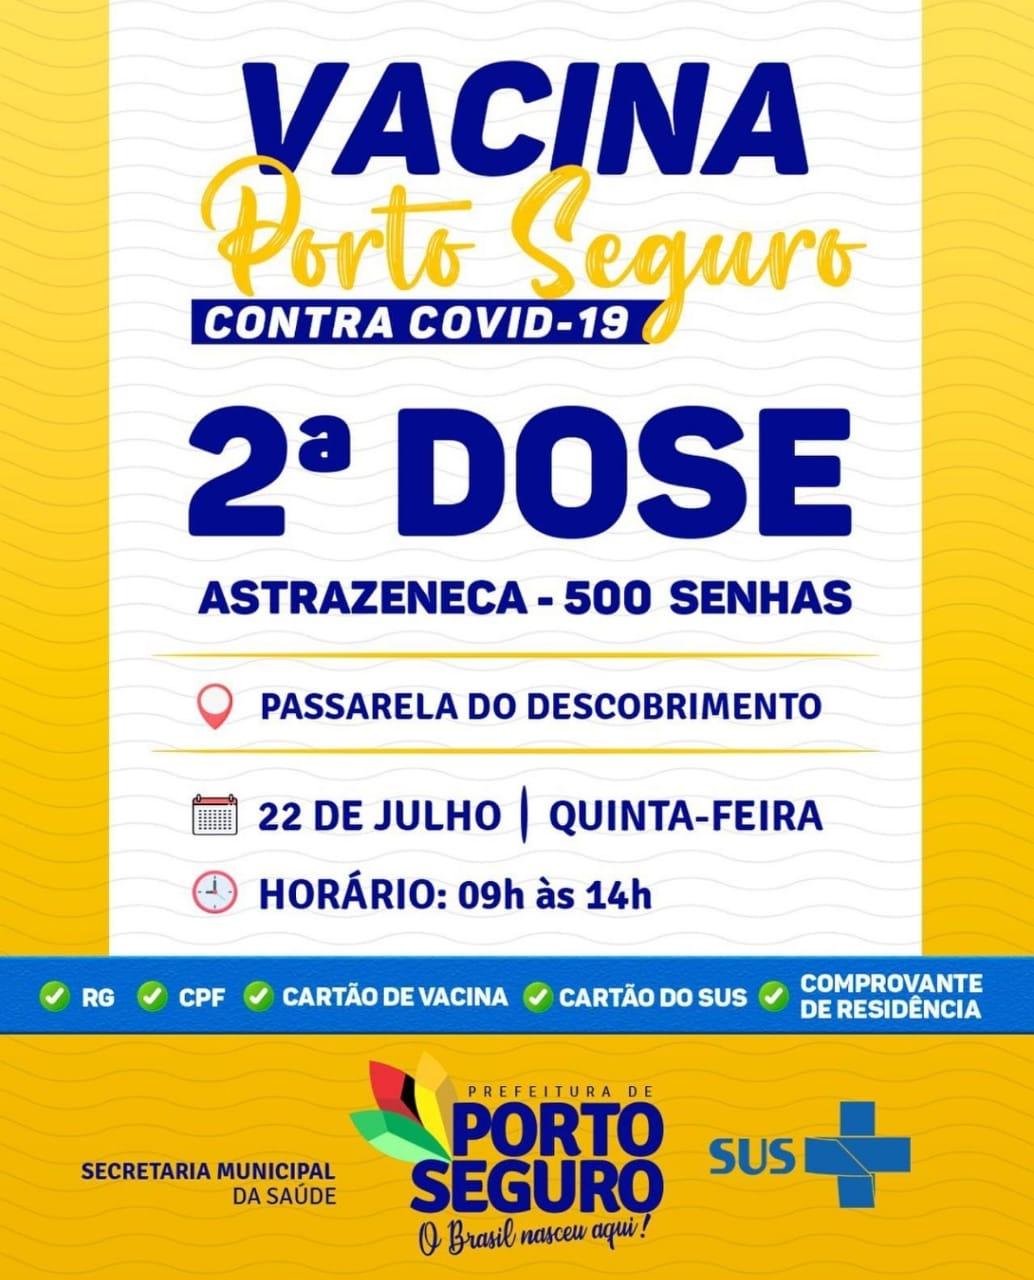 Vacina Porto Seguro contra Covid-19; cronograma de vacinação de 21 a 22 de julho 24